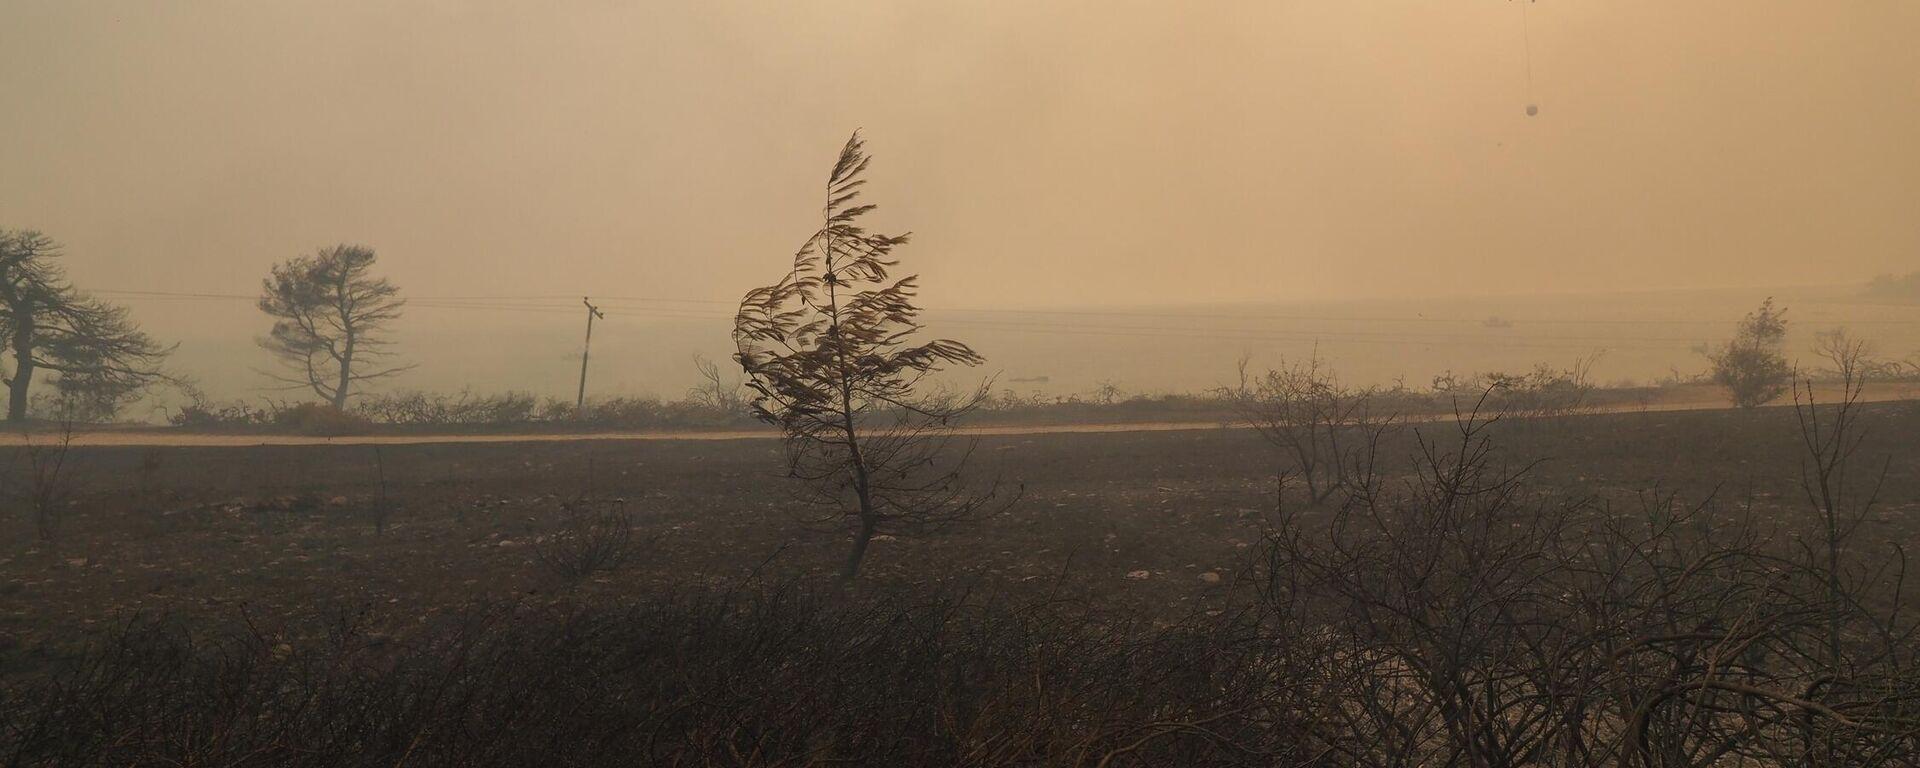 Κατάσβεση πυρκαγιάς στη Λίμνη Ευβοία - Sputnik Ελλάδα, 1920, 04.08.2021